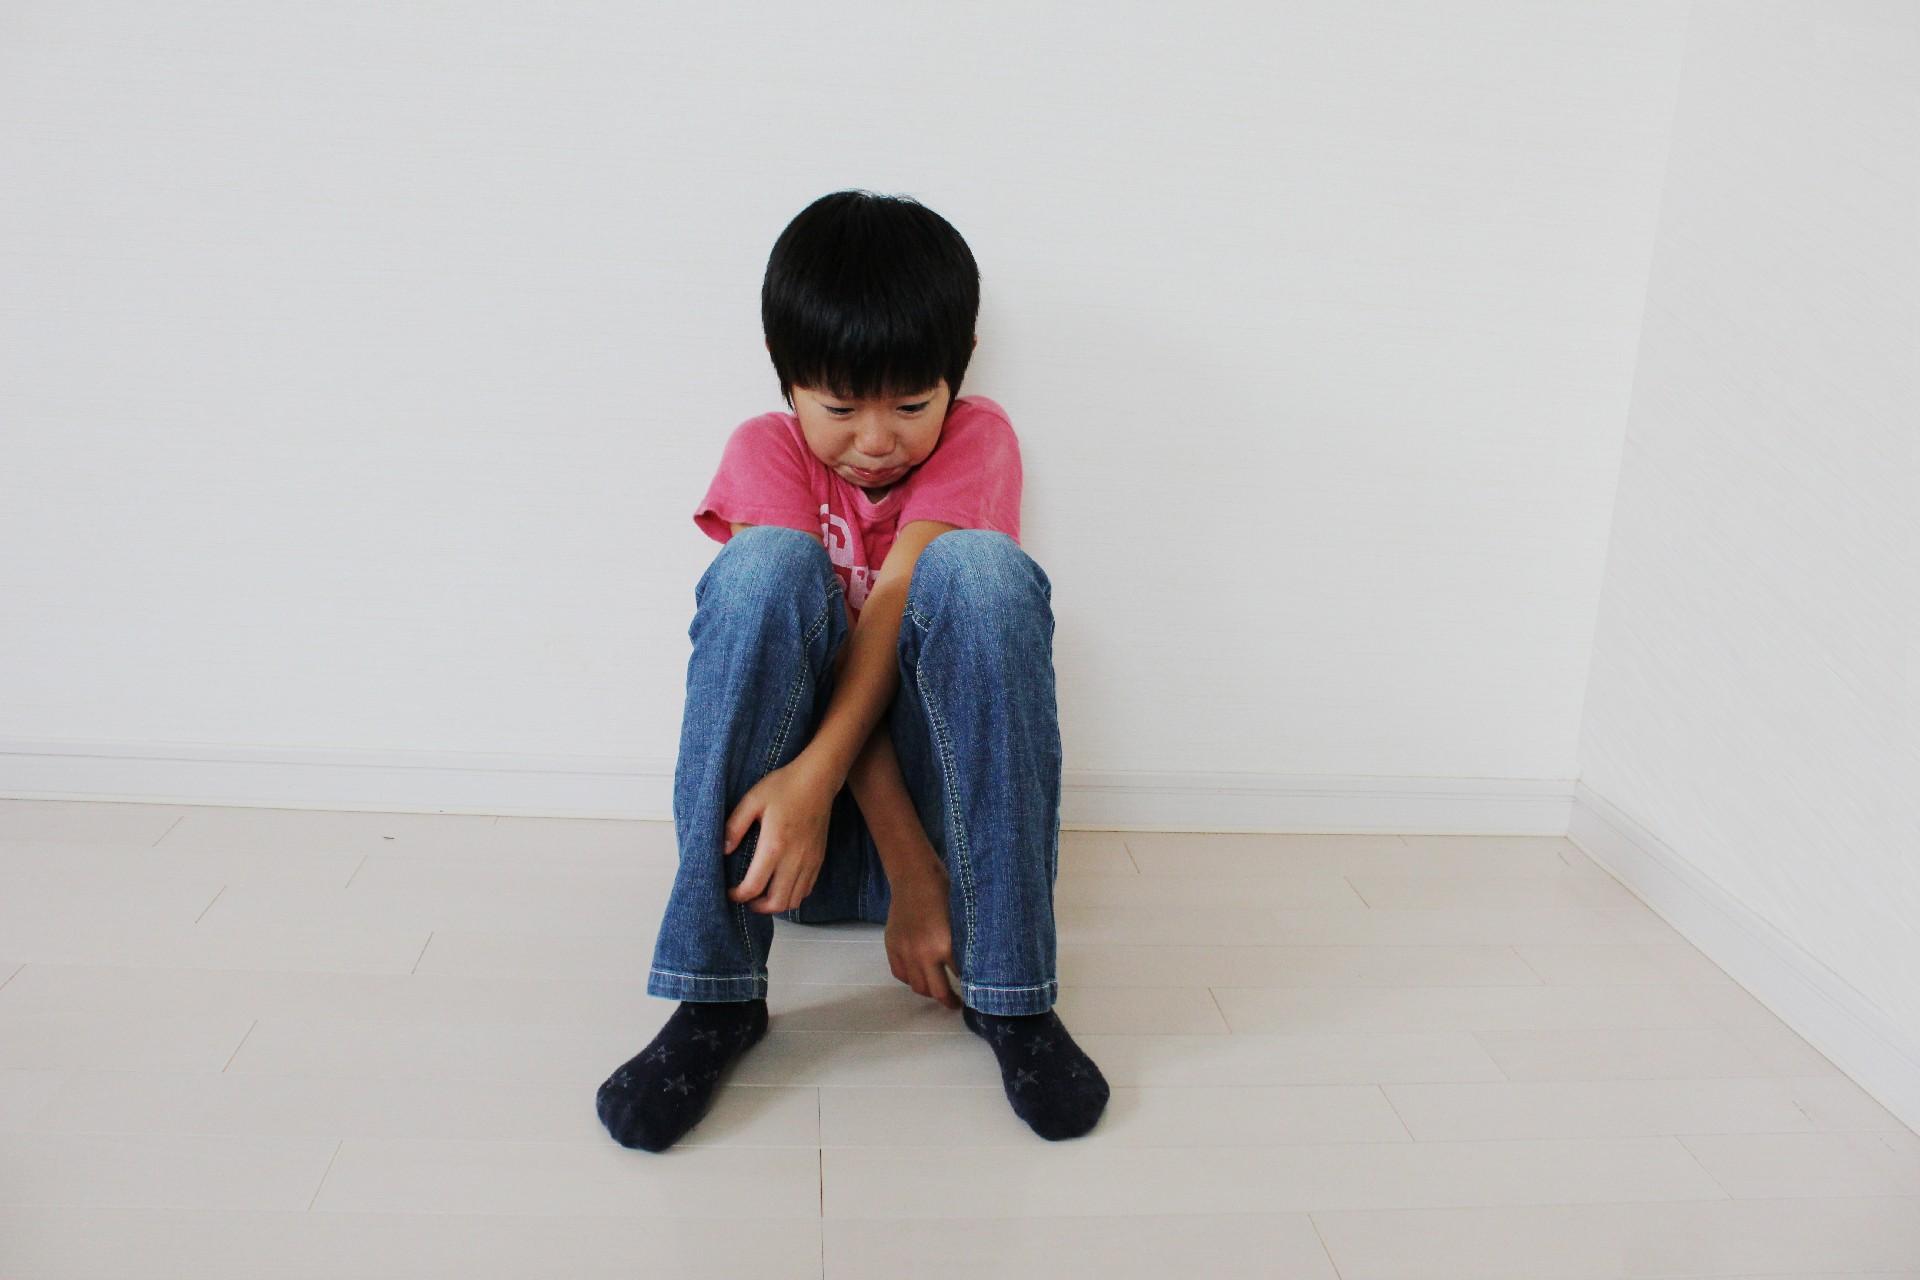 小学生の優しい息子がどうして悪口を言われてるの!?悪口を言う心理と親が子供にしてあげられること